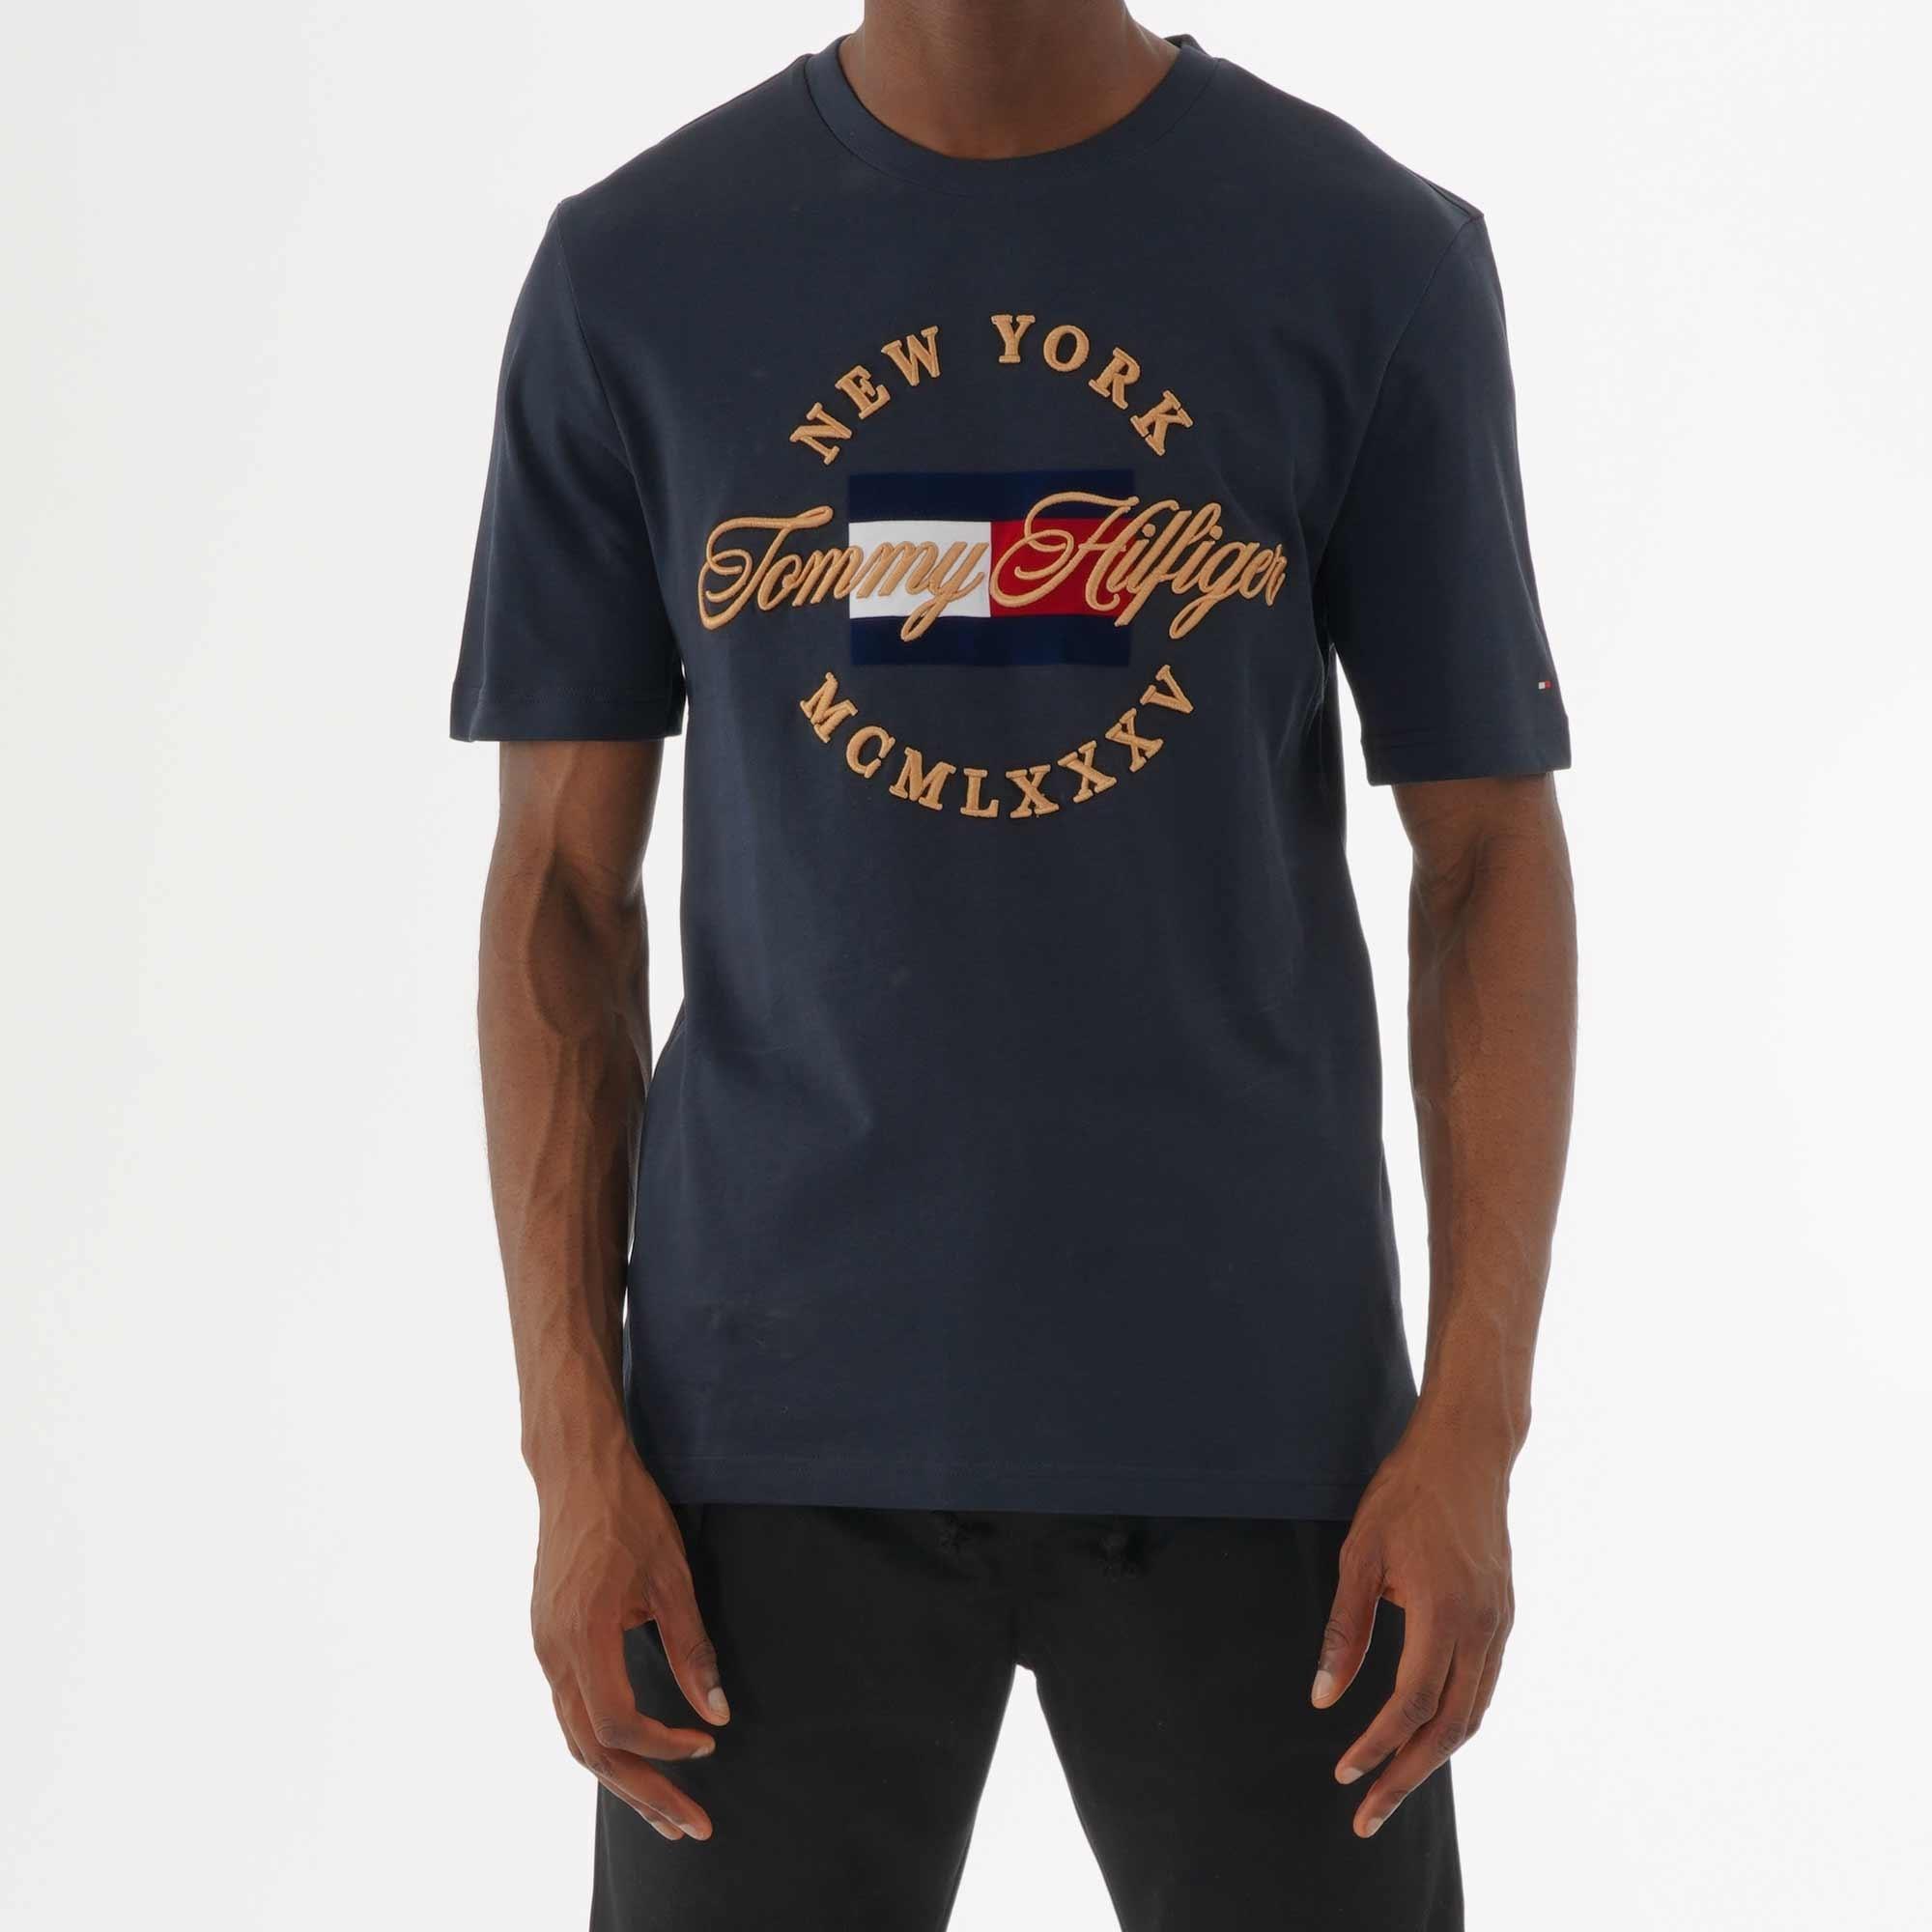 tommy hilfiger vintage t shirt, Tommy hilfiger jeans steve